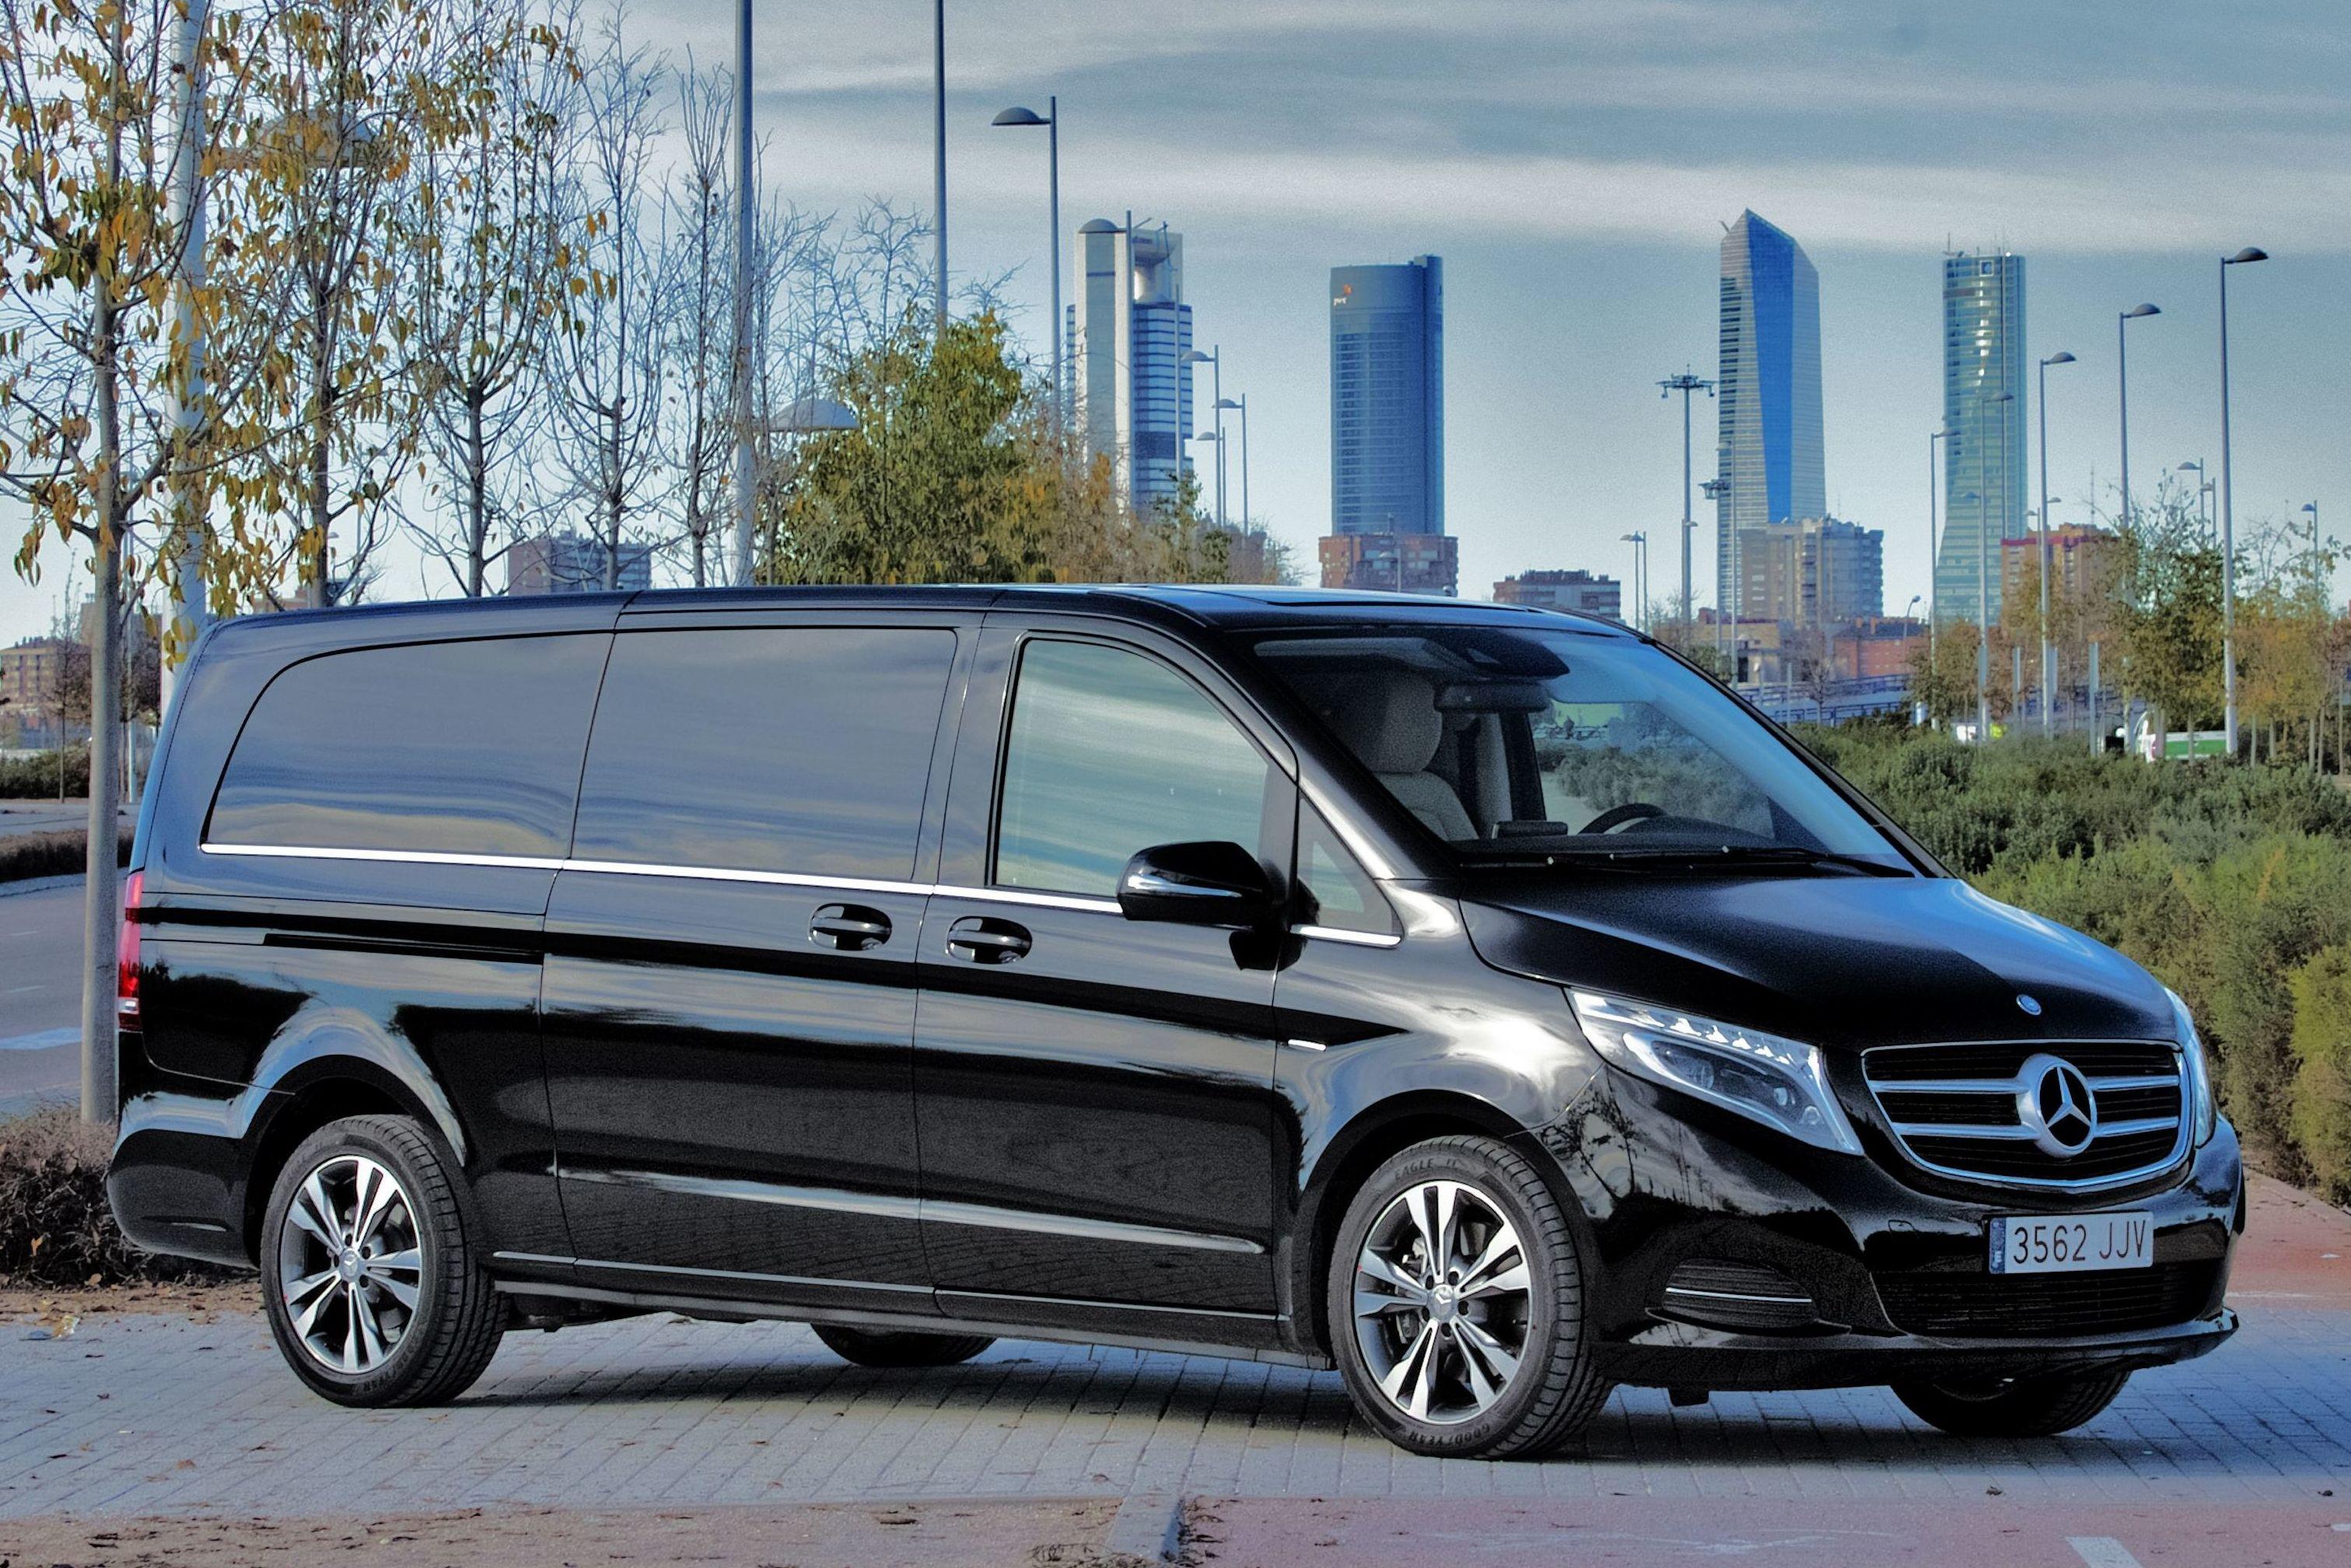 Foto 17 de Alquiler de vehículos con conductor en Madrid | Black Cars Spain